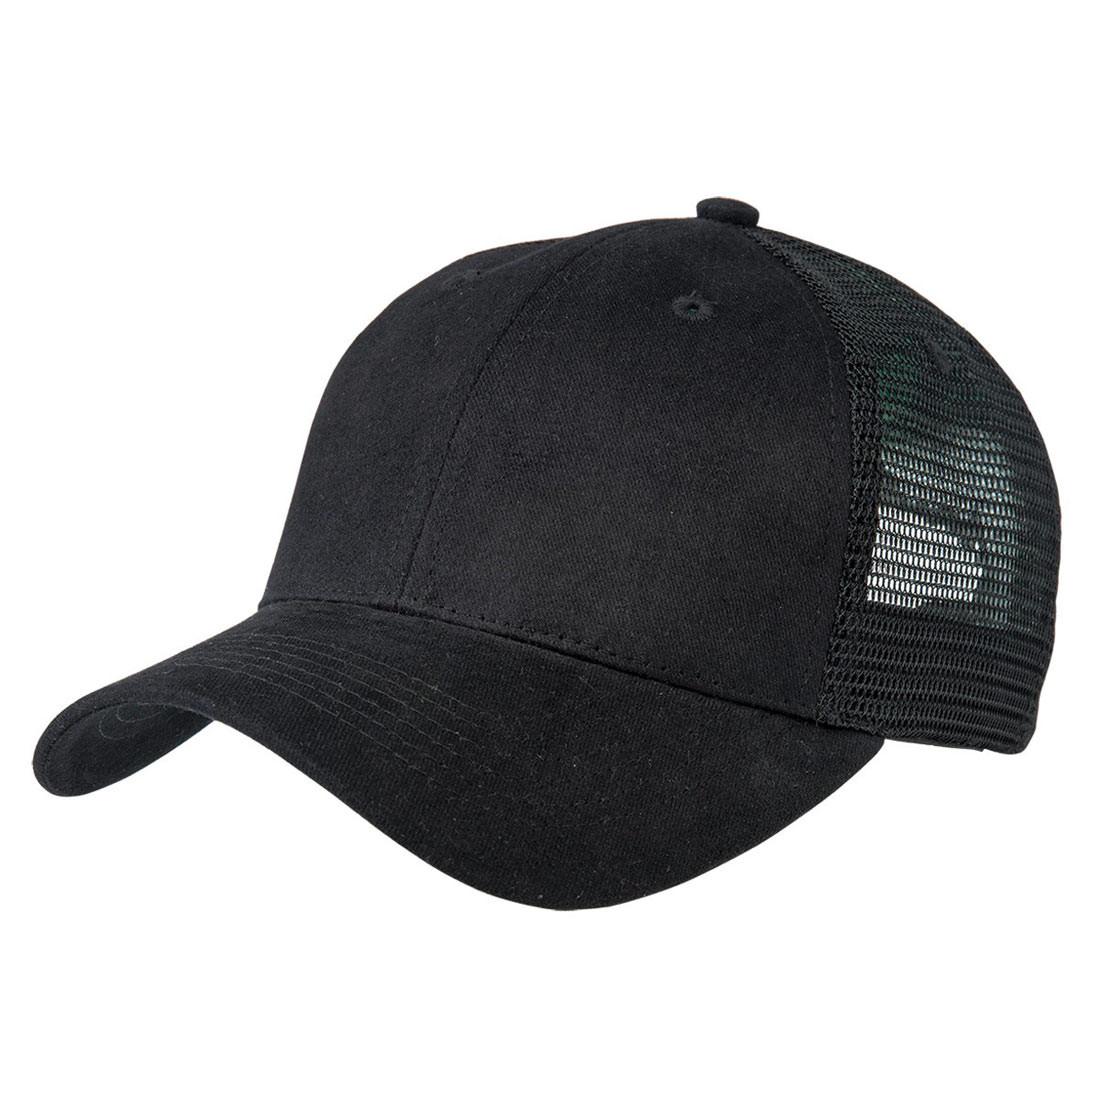 Premium Plain Trucker Hats Wholesale Online Unisex Caps 2326d17e3c1